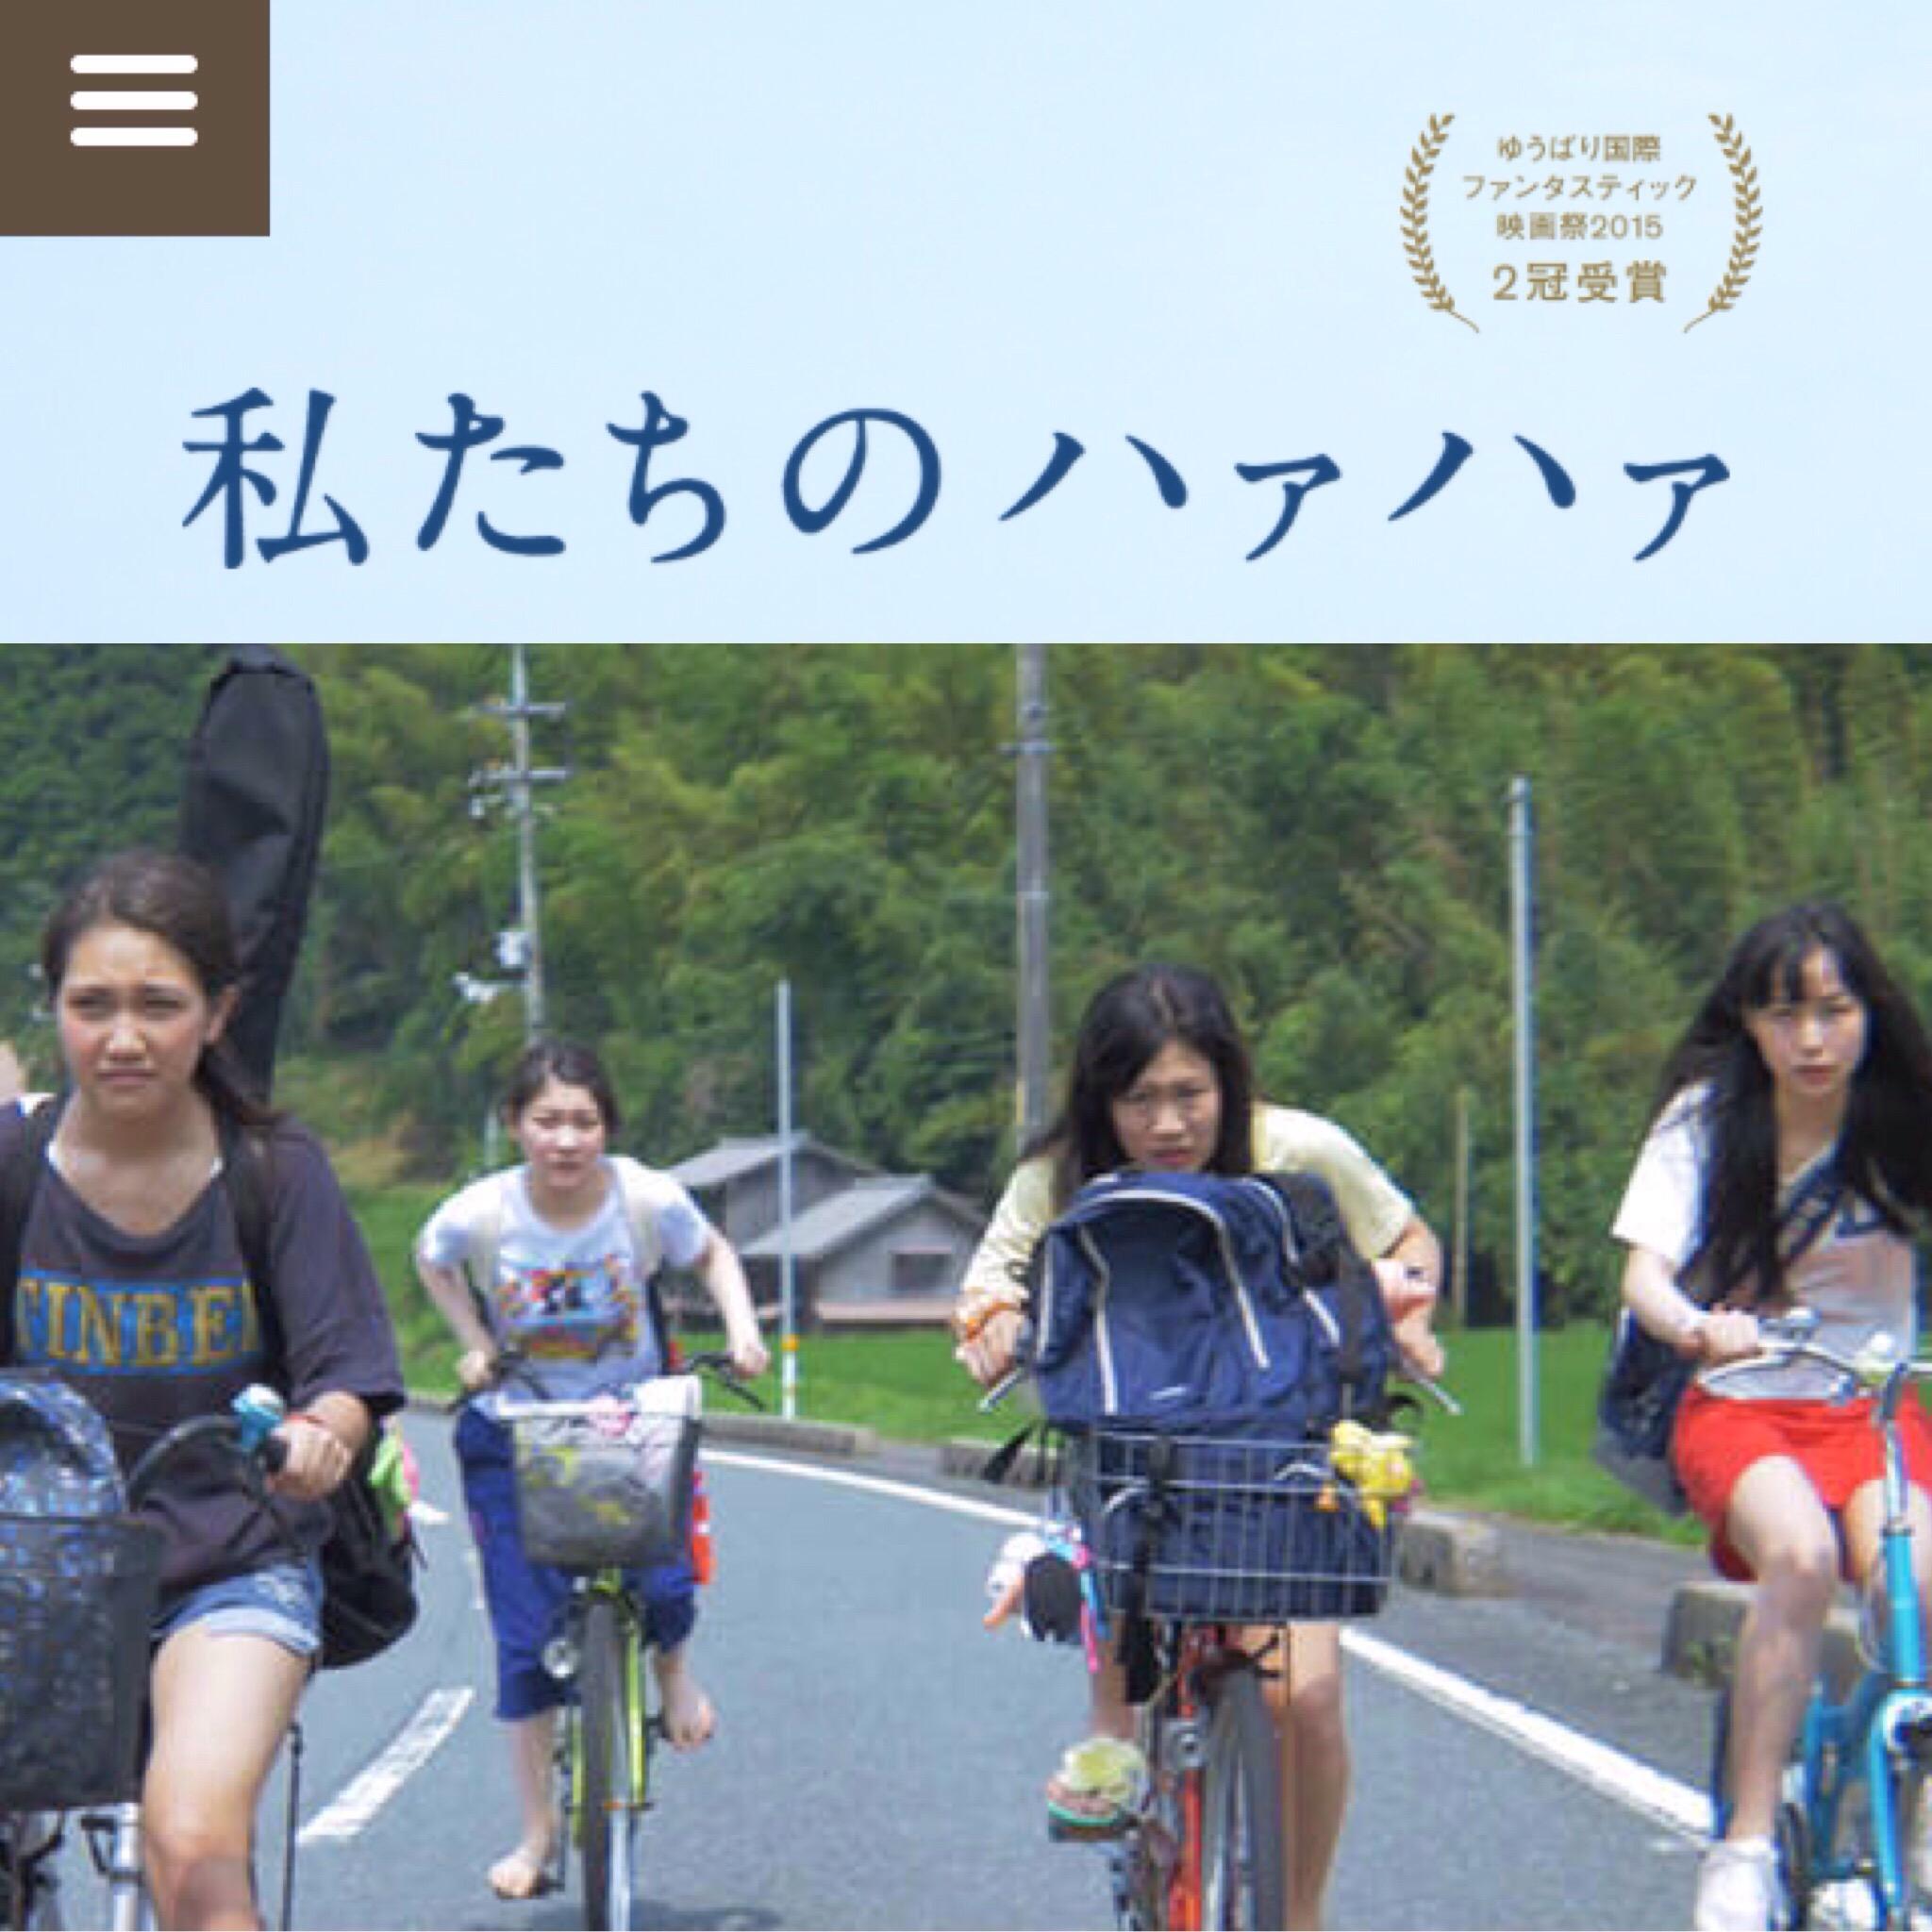 9.12公開【私たちのハァハァ】〜10秒で読める映画レビュー〜